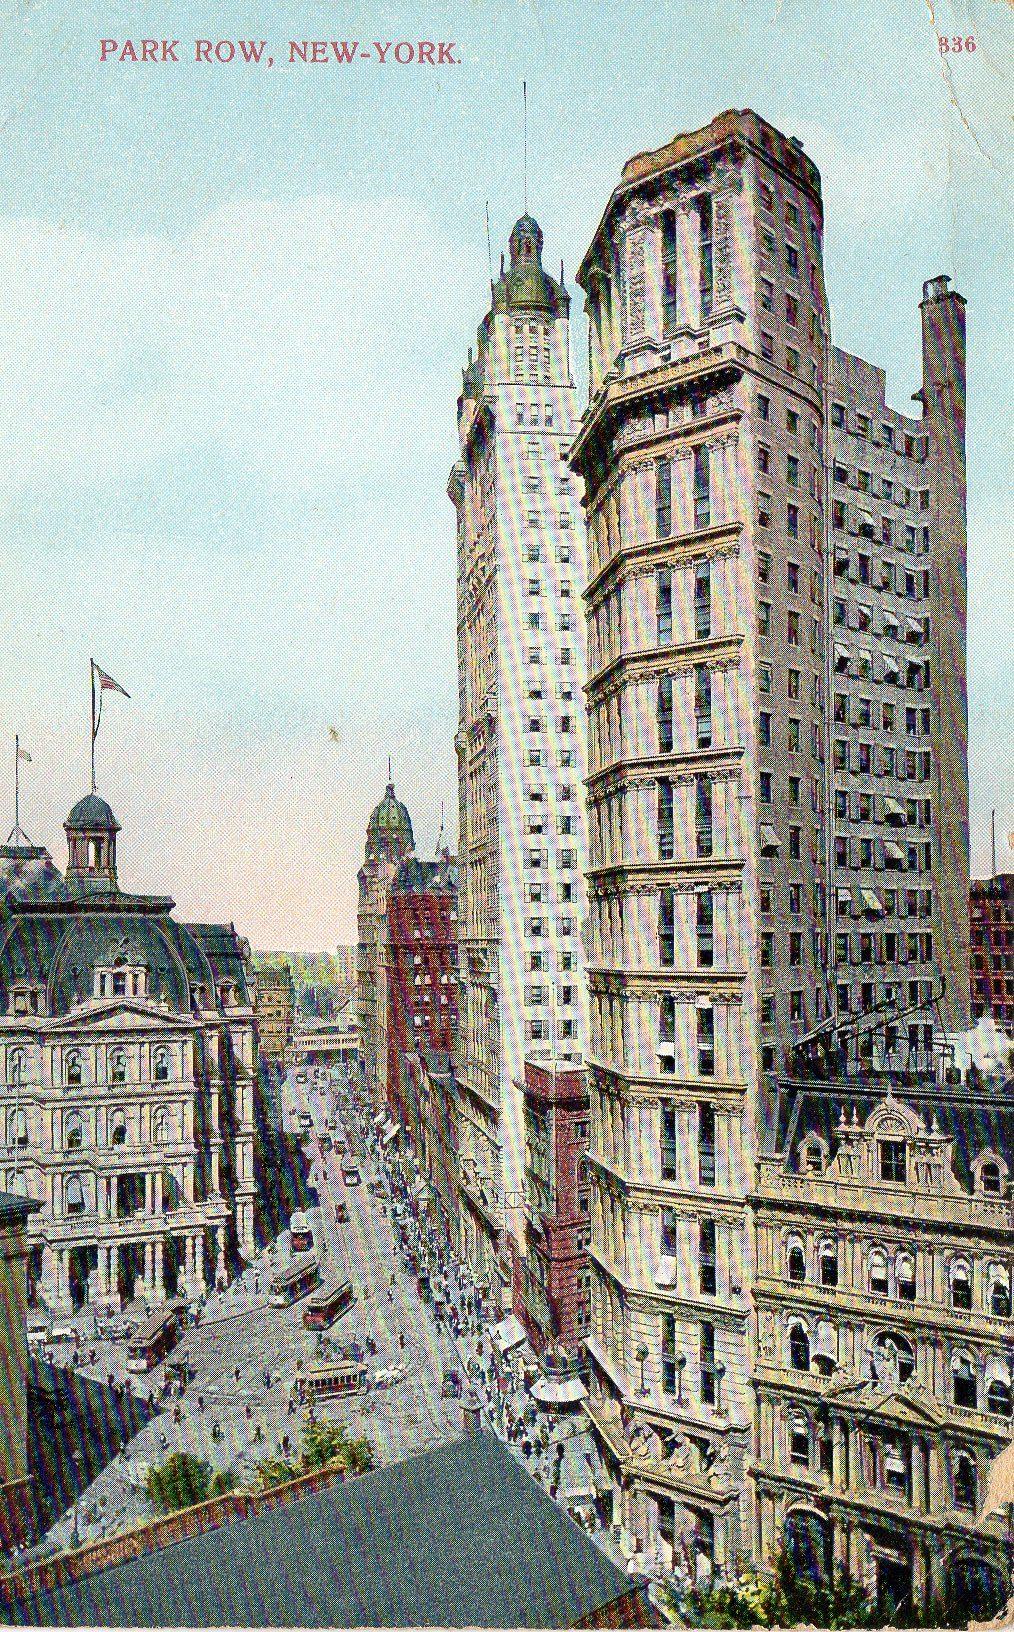 New York Park Row